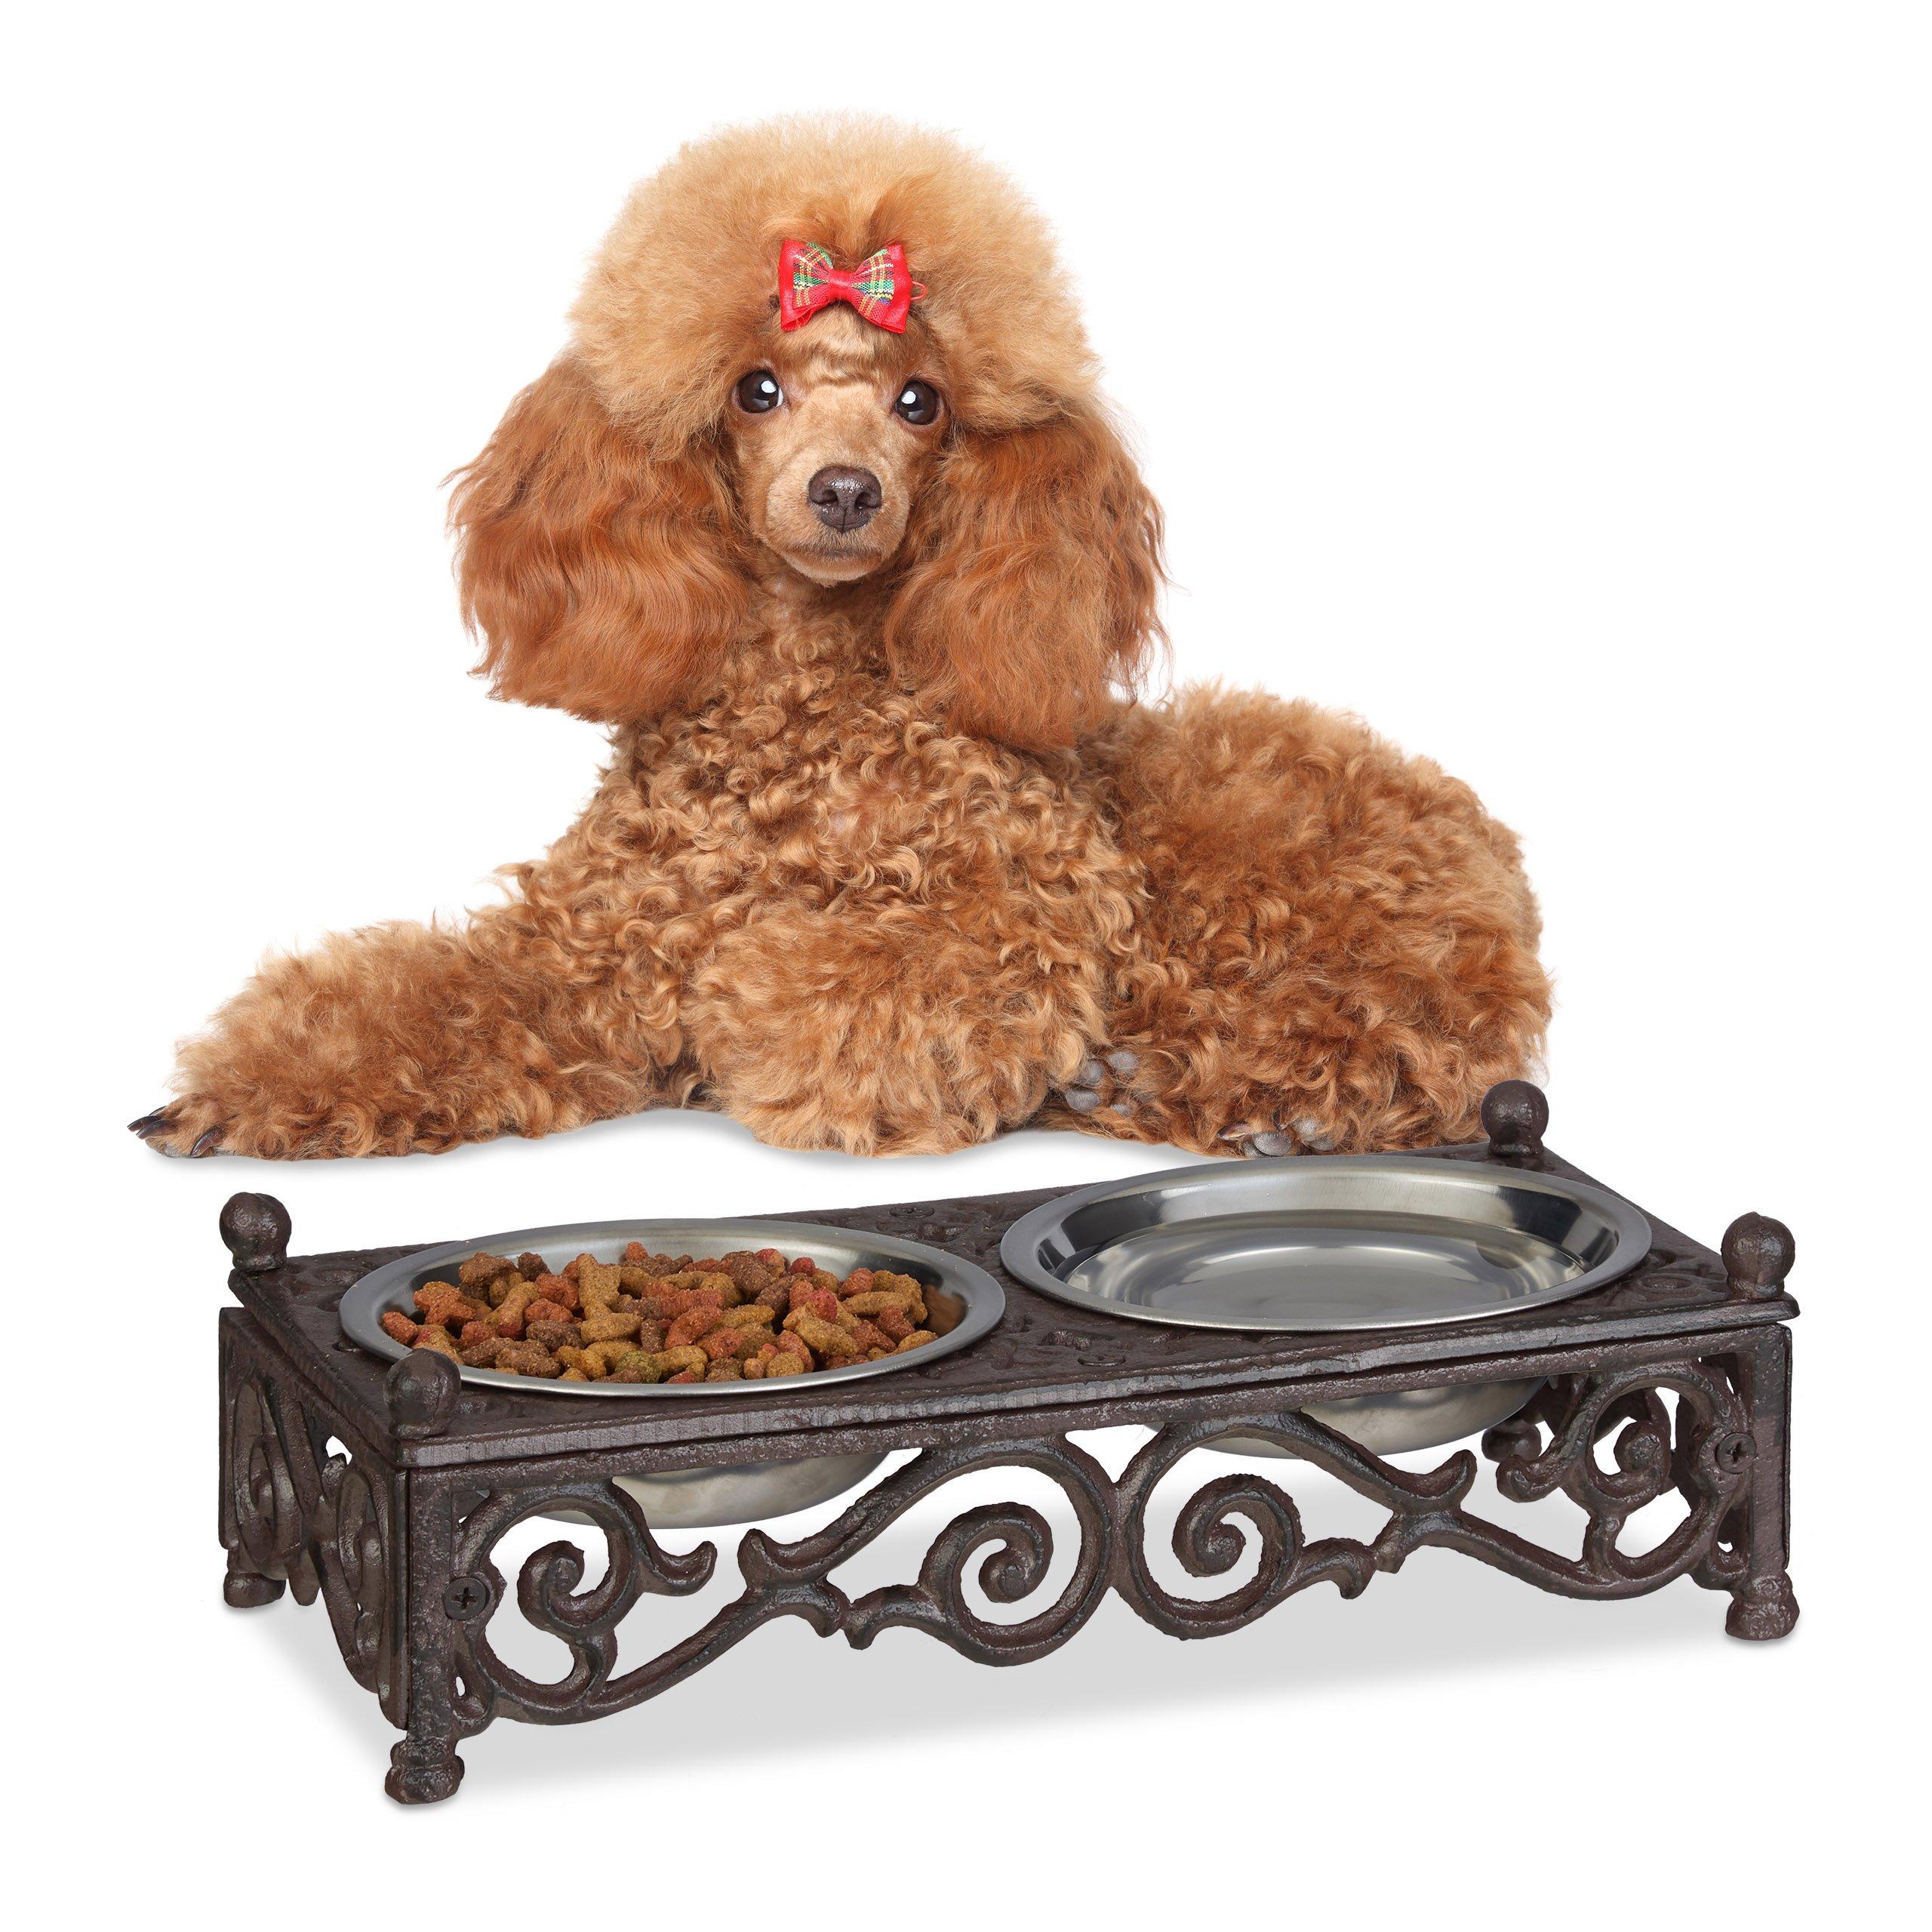 Relaxdays Dog Bowl Set, Brown, 9 x 29.5 x 14.5 cm by Relaxdays